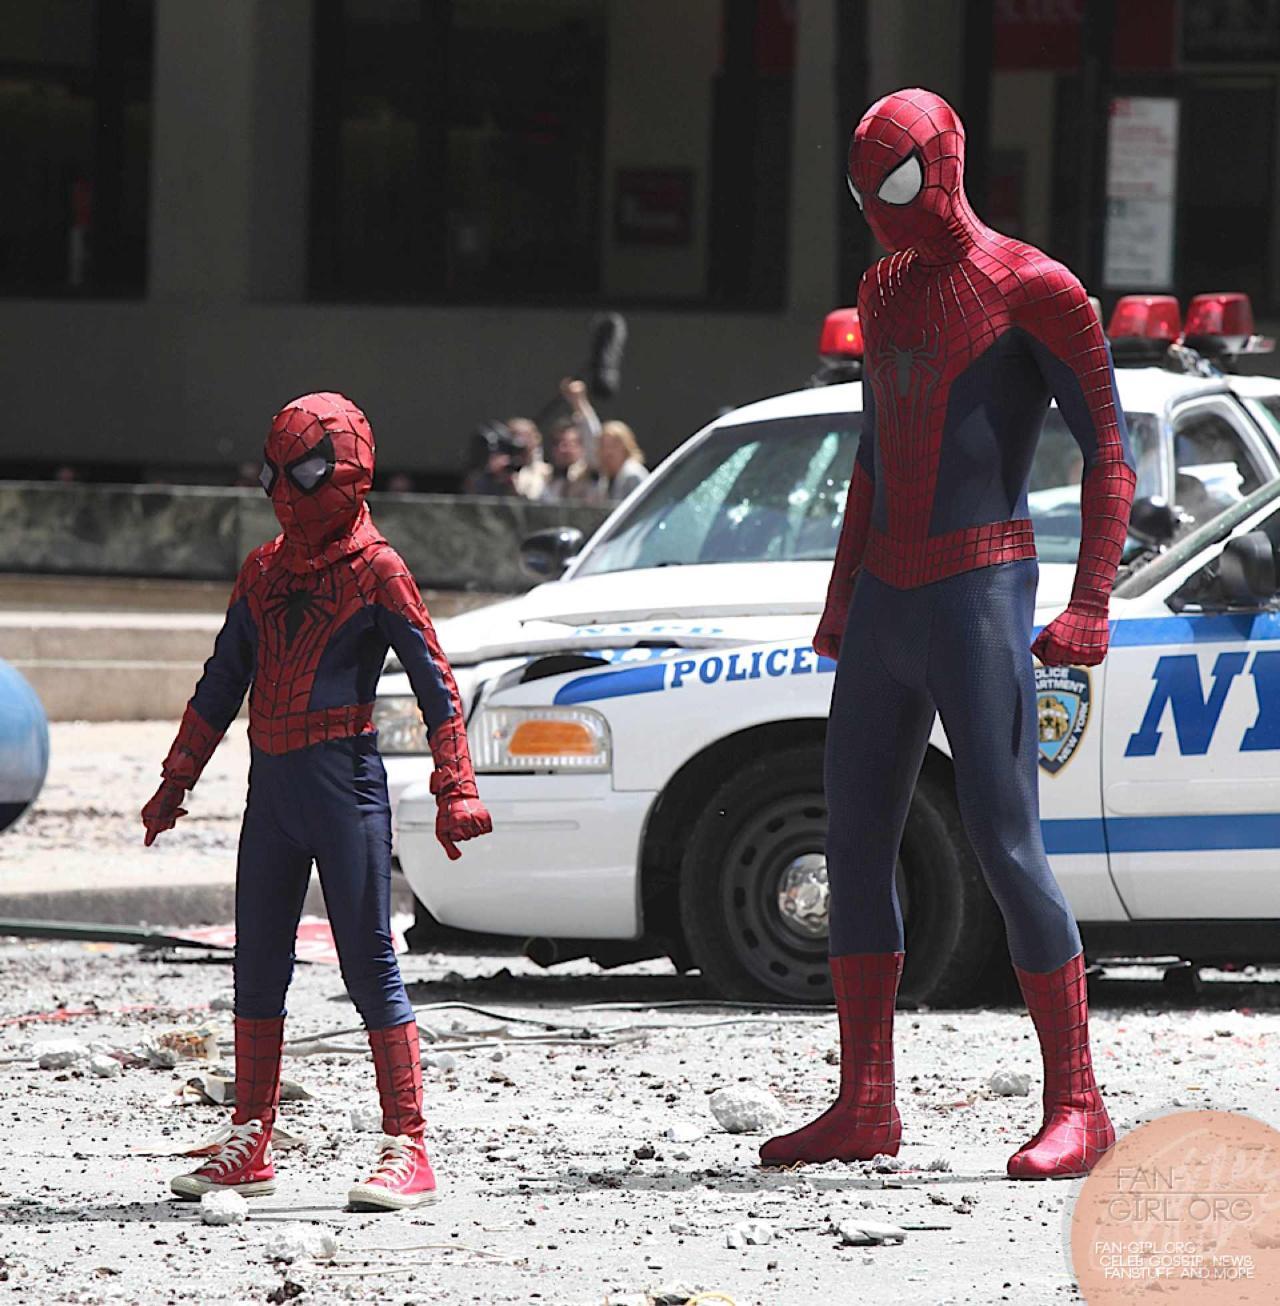 spider-man-kid-amazing-2-tournage-film-team